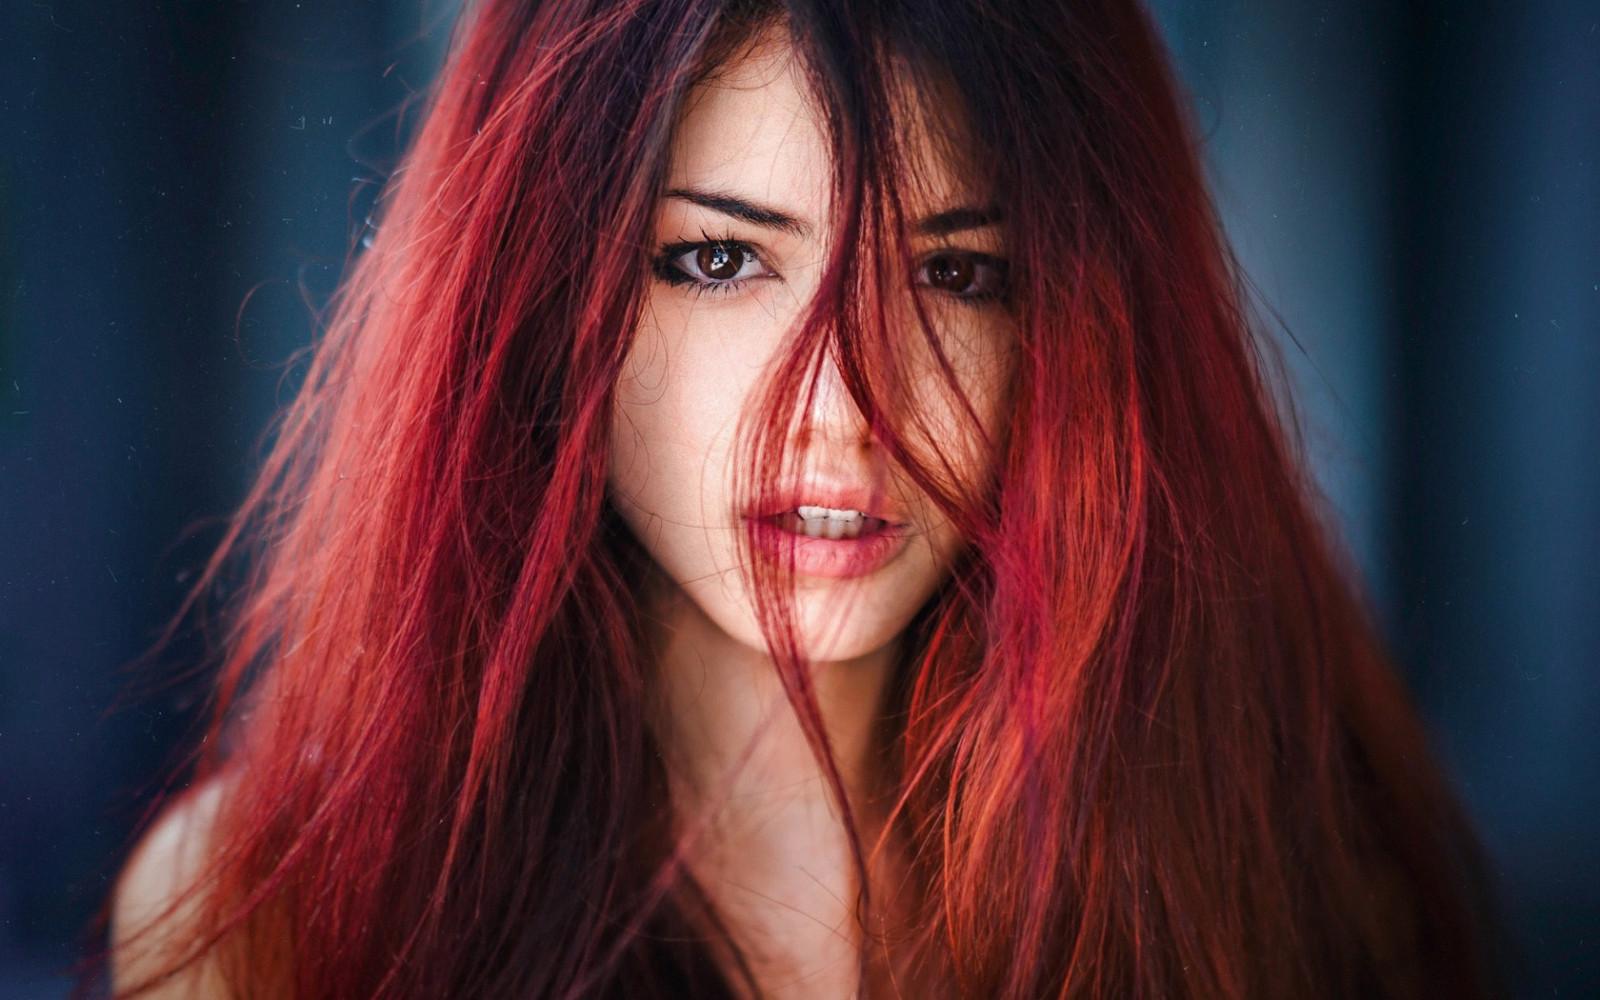 красивые красноволосые девушки влагалище саммерс